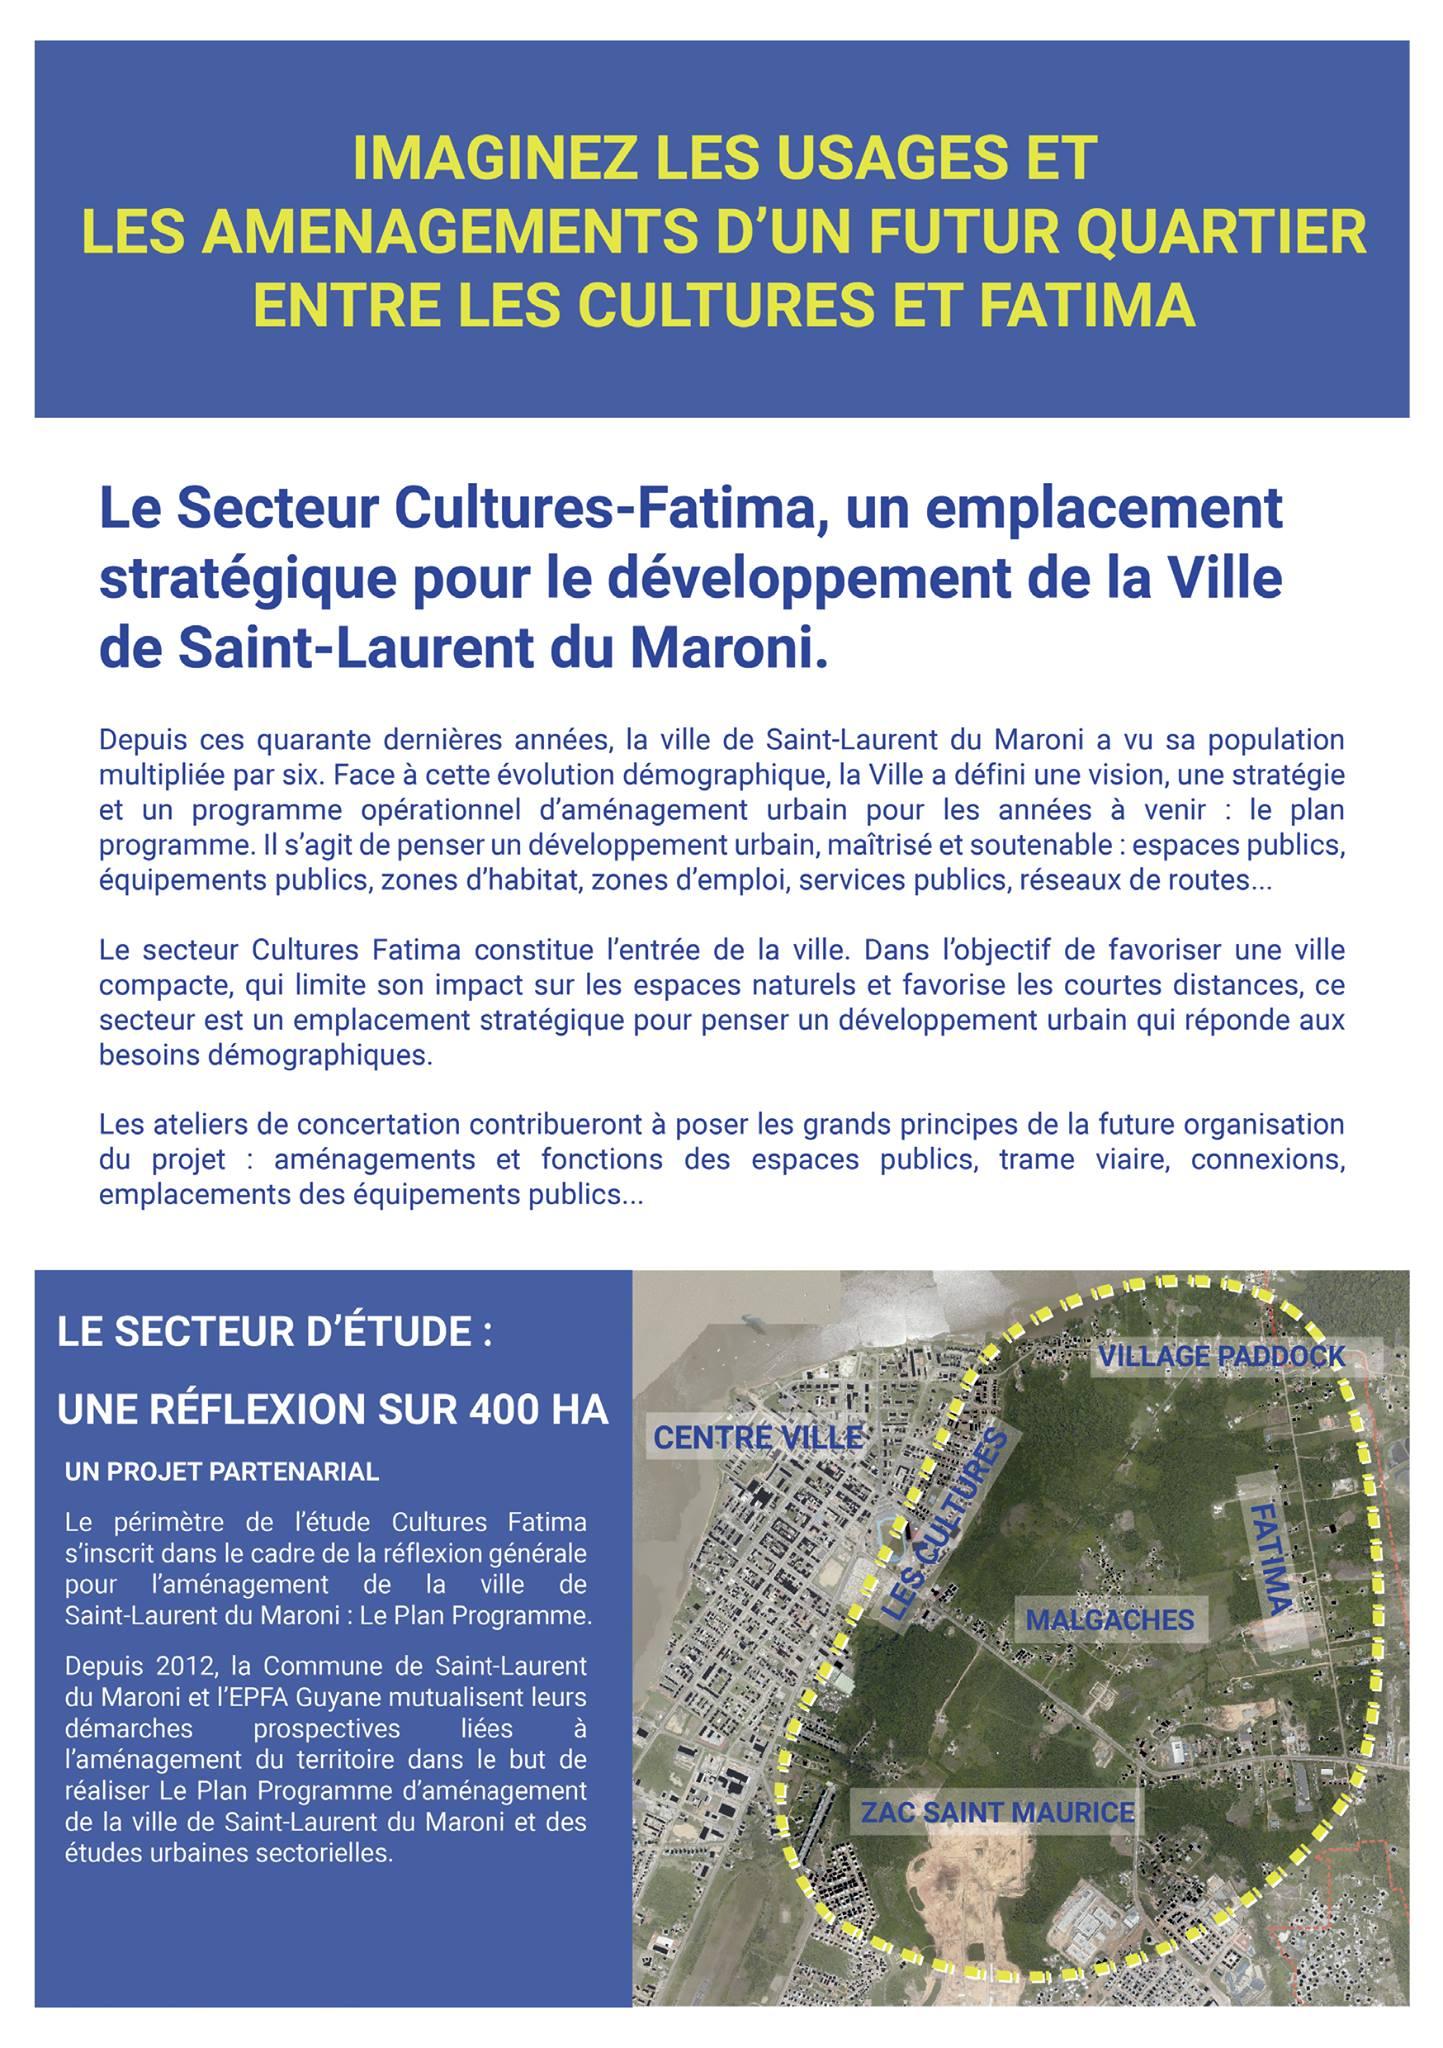 [Aménagement urbain] : réunions publiques dans le cadre de l'aménagement du secteur Cultures Fatima